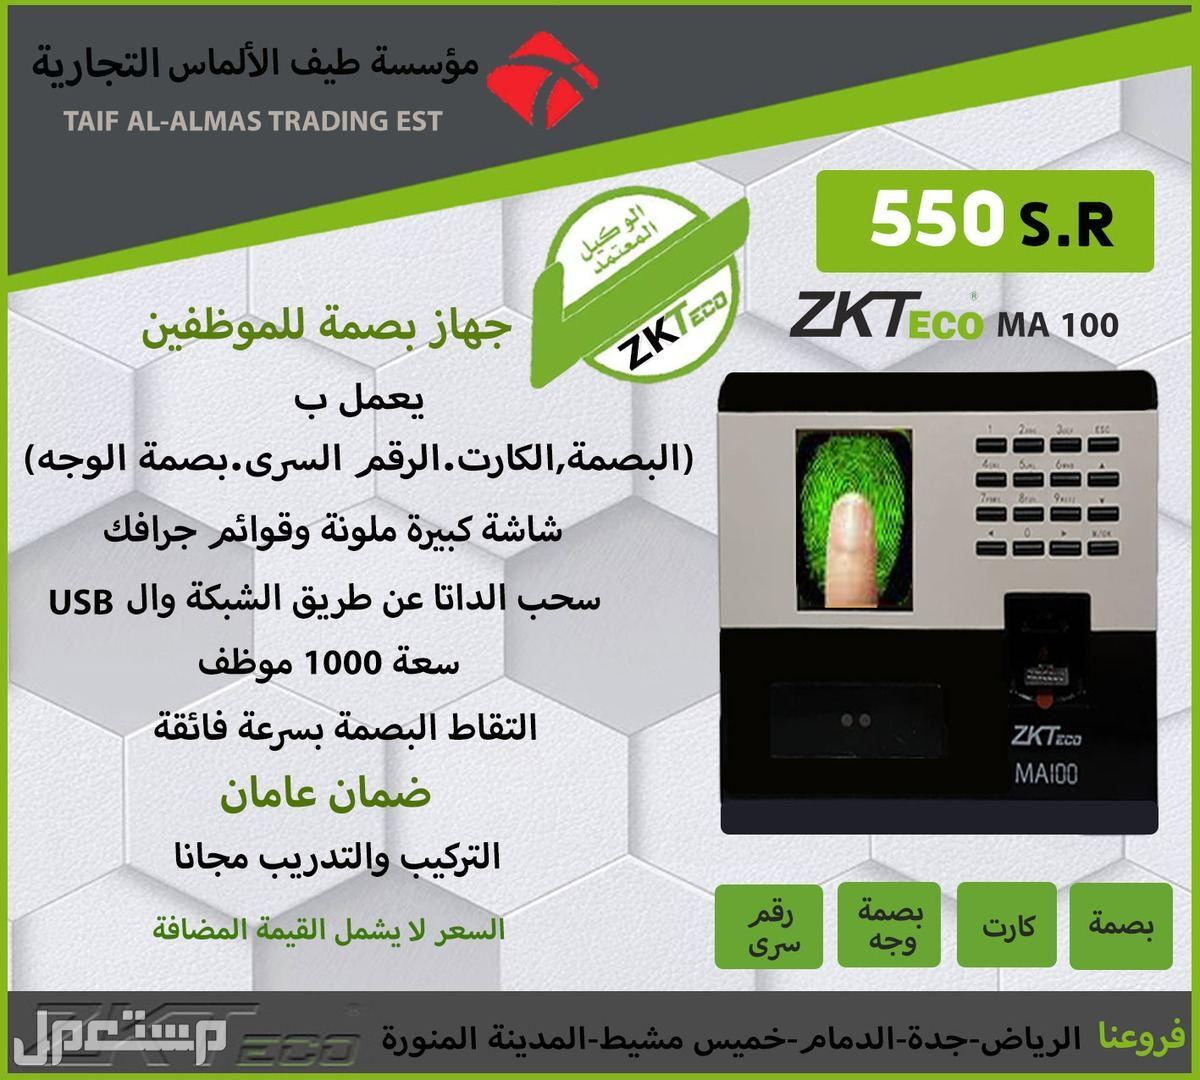 اسعار تنافسيه علي ادراج الكاشير  اجهزة بصمه الحضور الانصراف مصدات السيارات